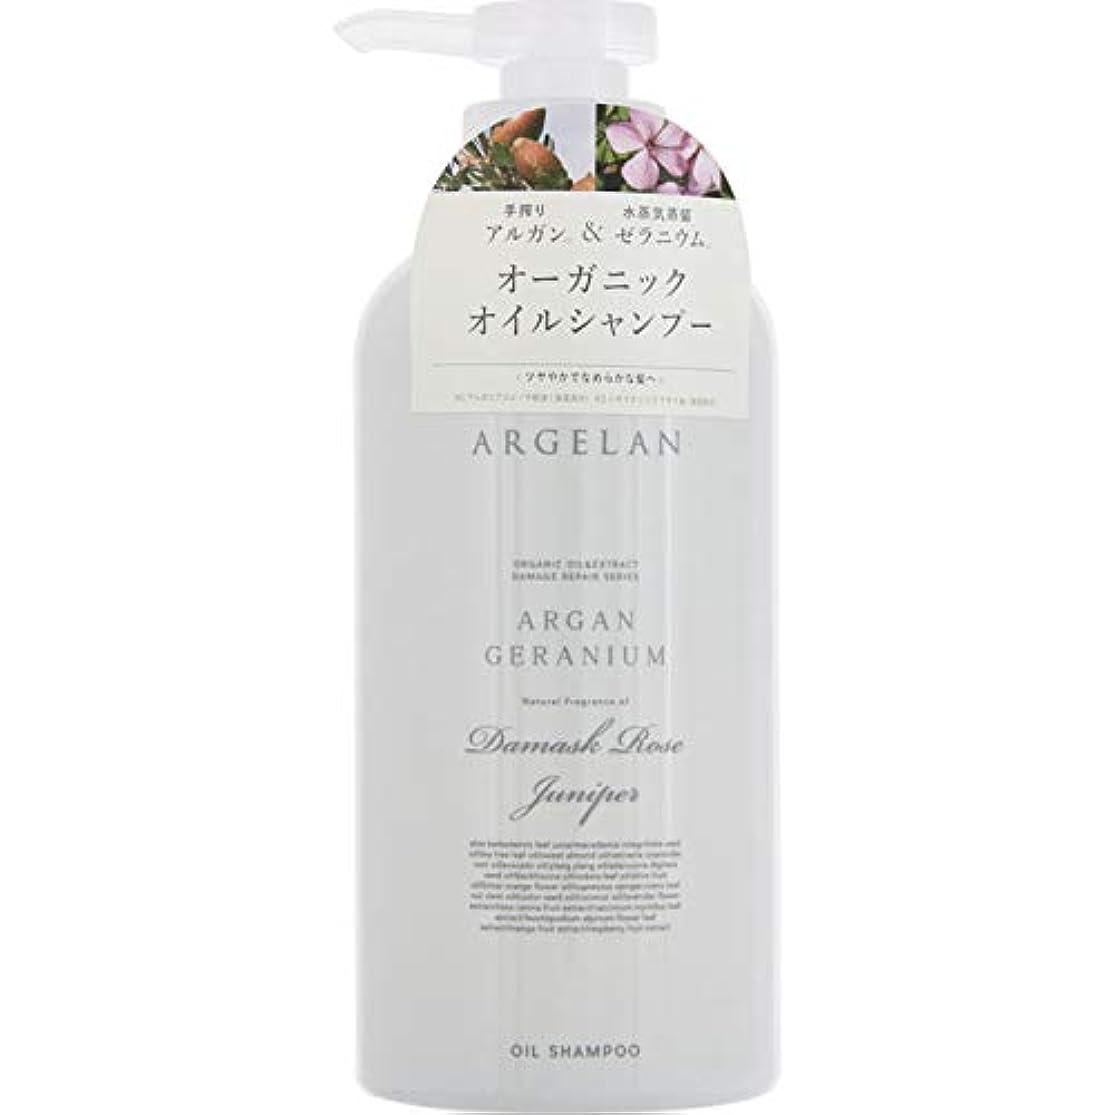 素晴らしい大胆な放棄するアルジェラン オーガニック 手搾りアルガン オイル シャンプー 500ml